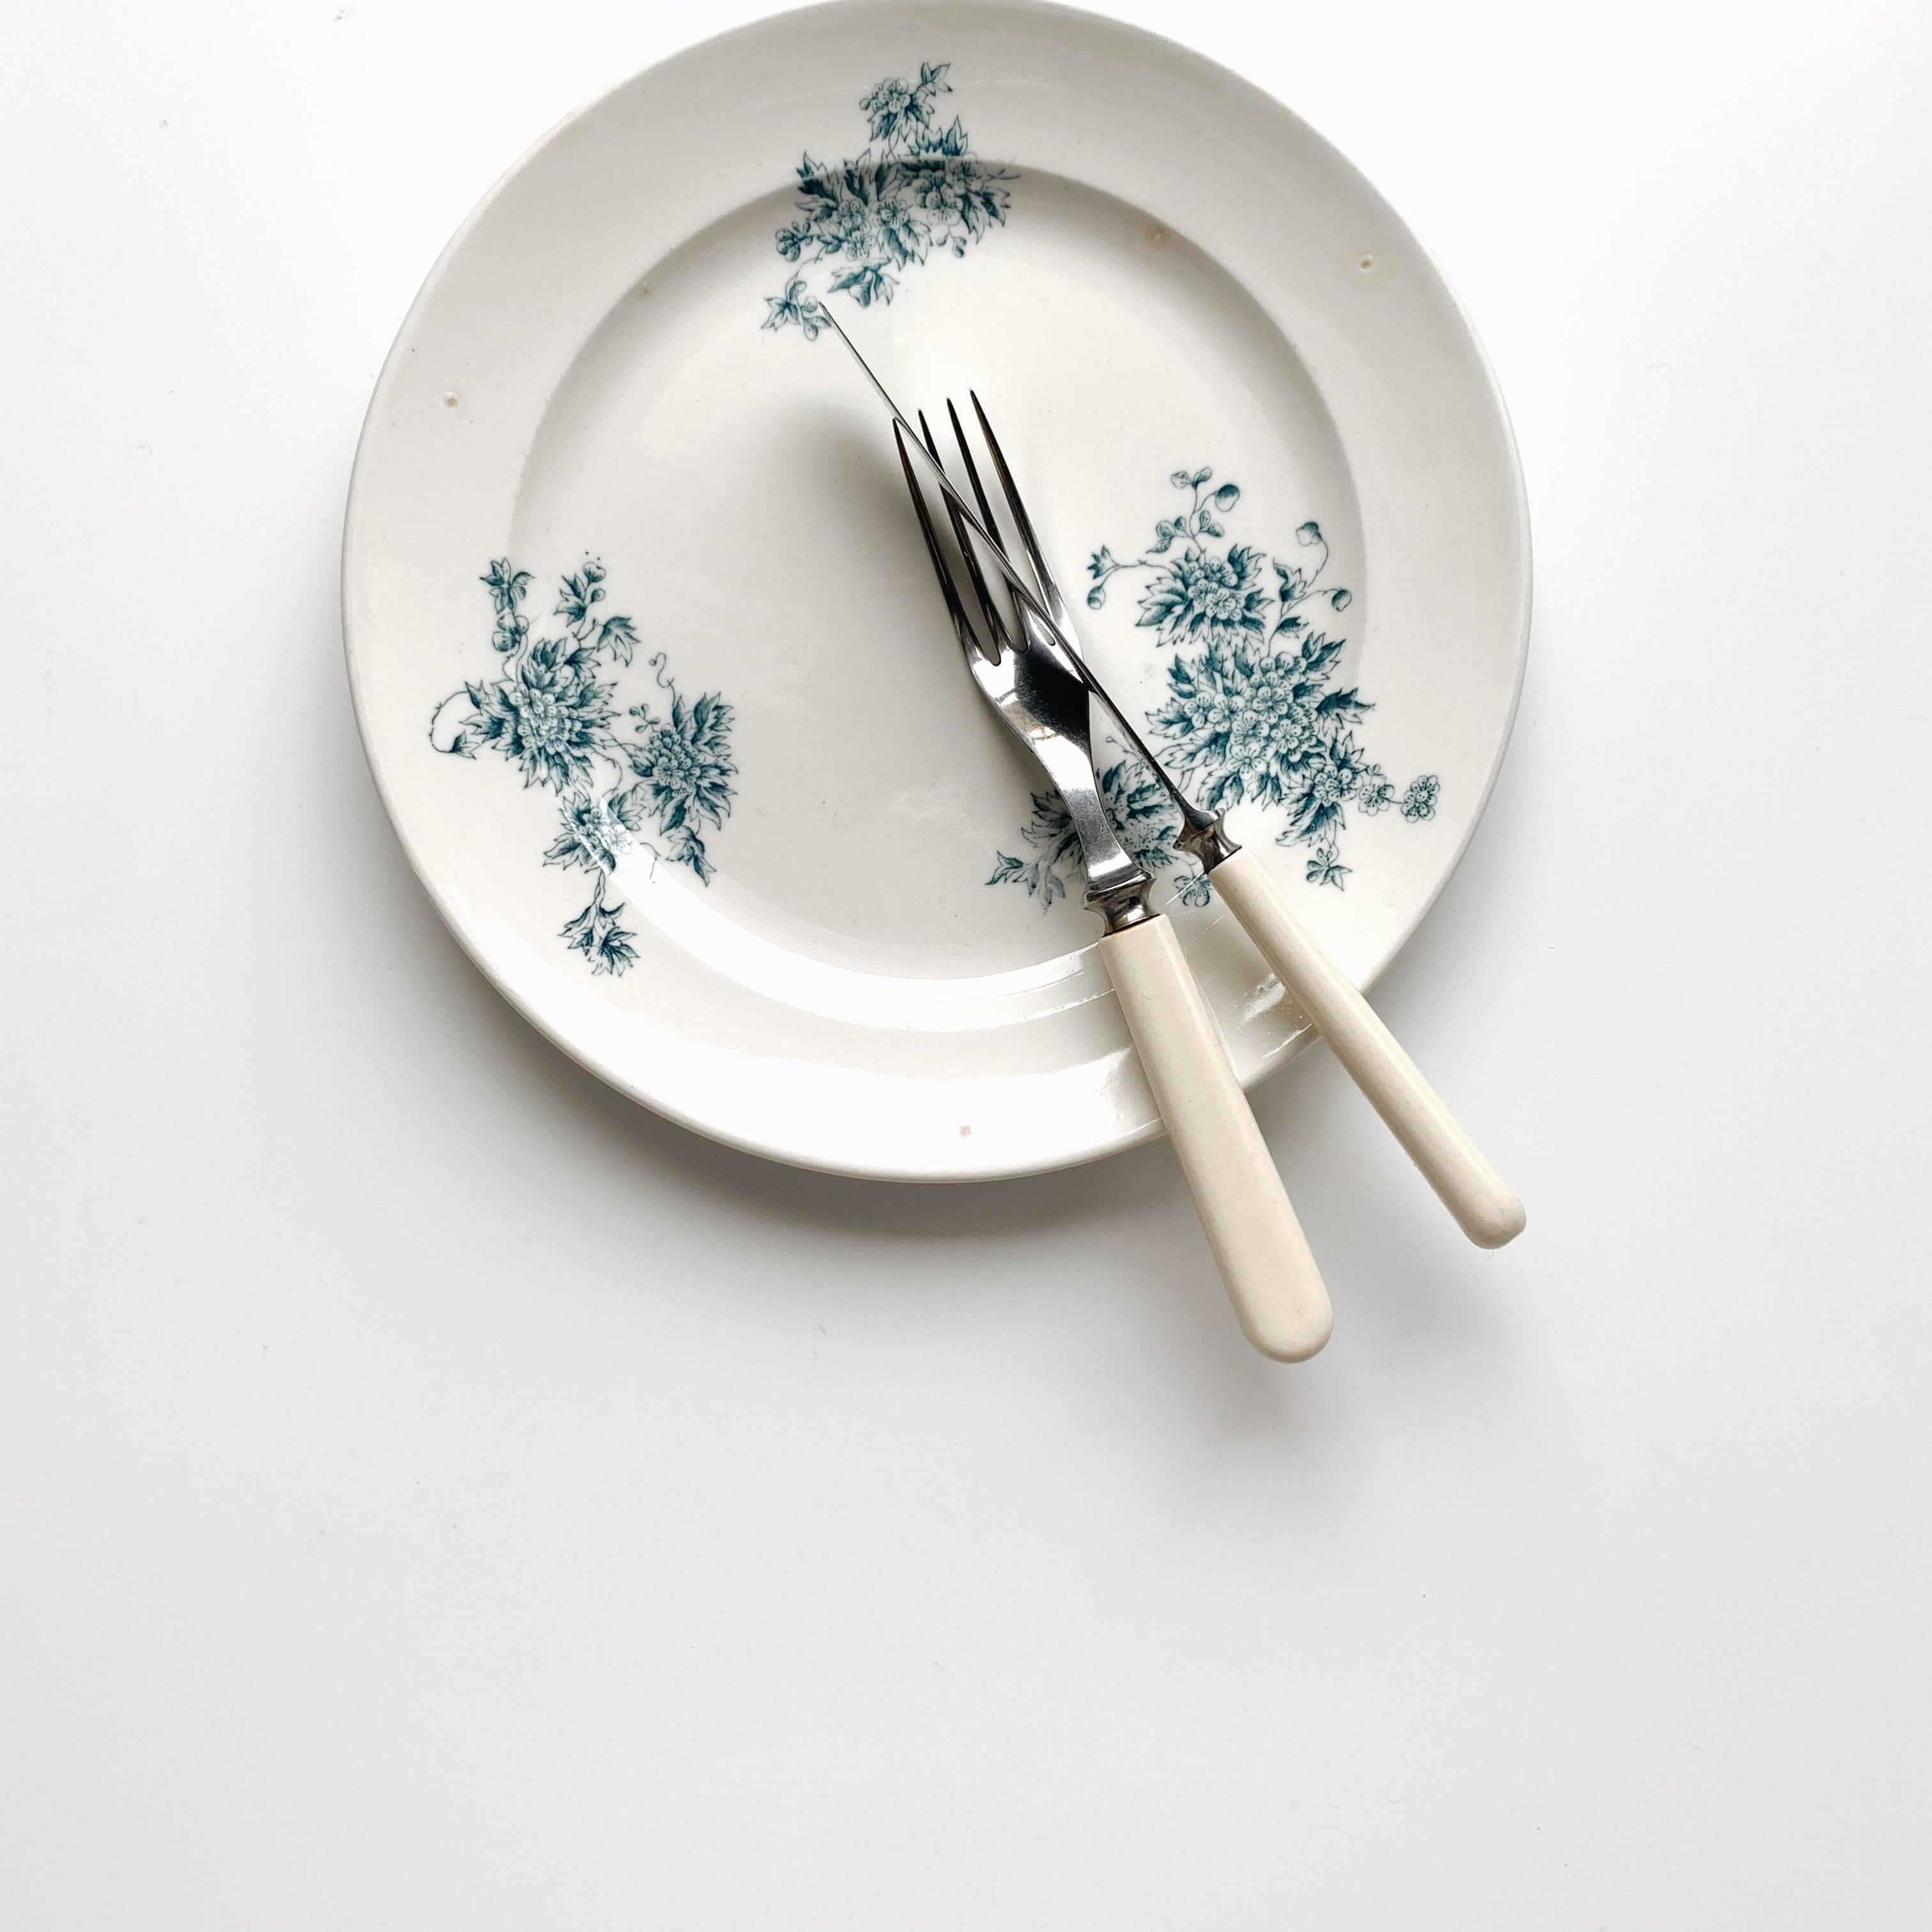 ARABIA / plate